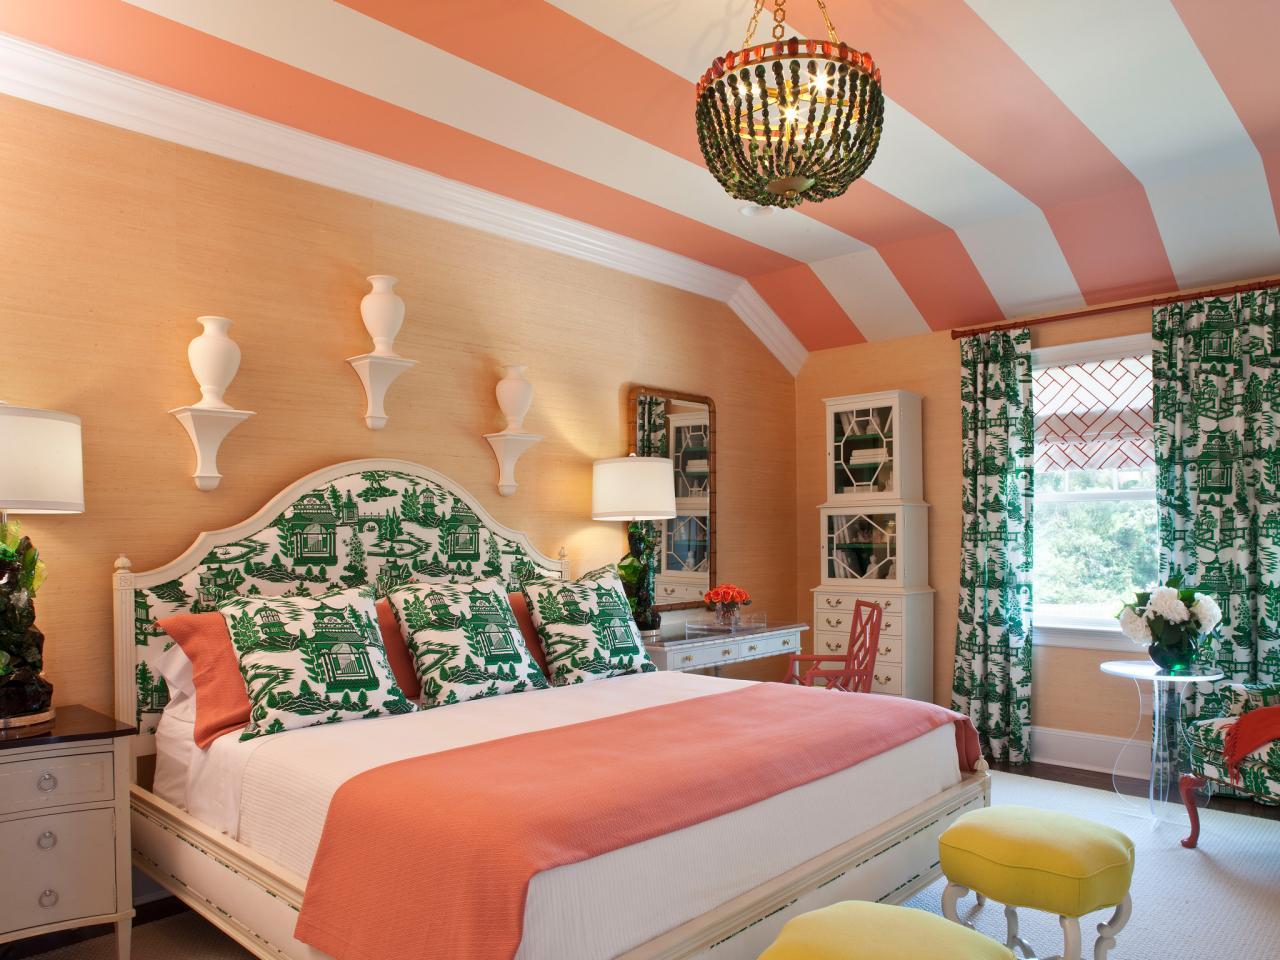 bedroom with bright hues - Taskmasters, Dubai